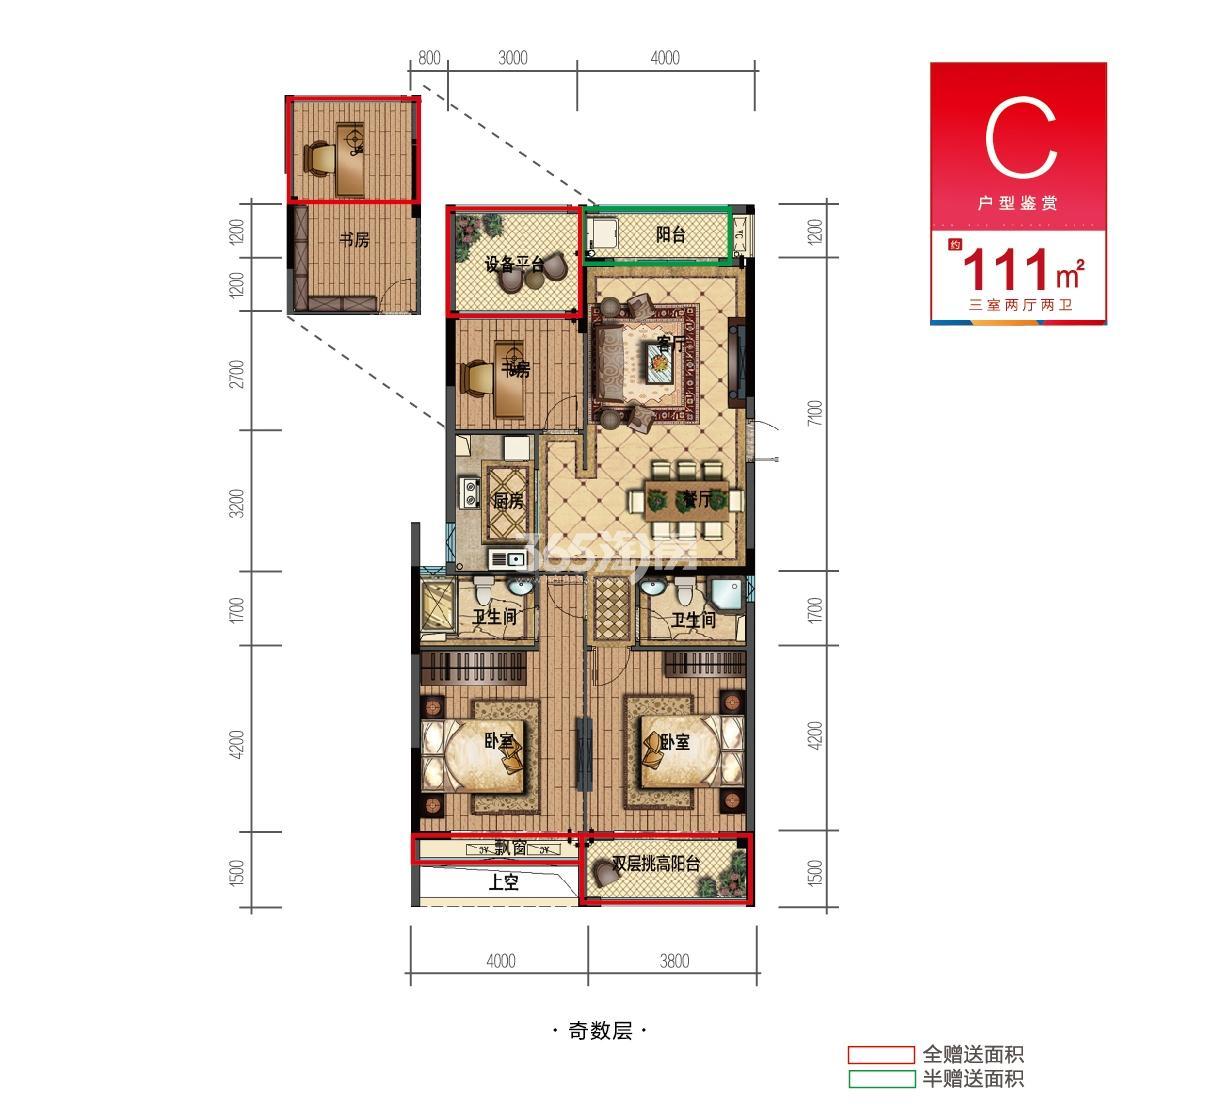 越秀星汇城C户型111方奇数层 (11号楼)